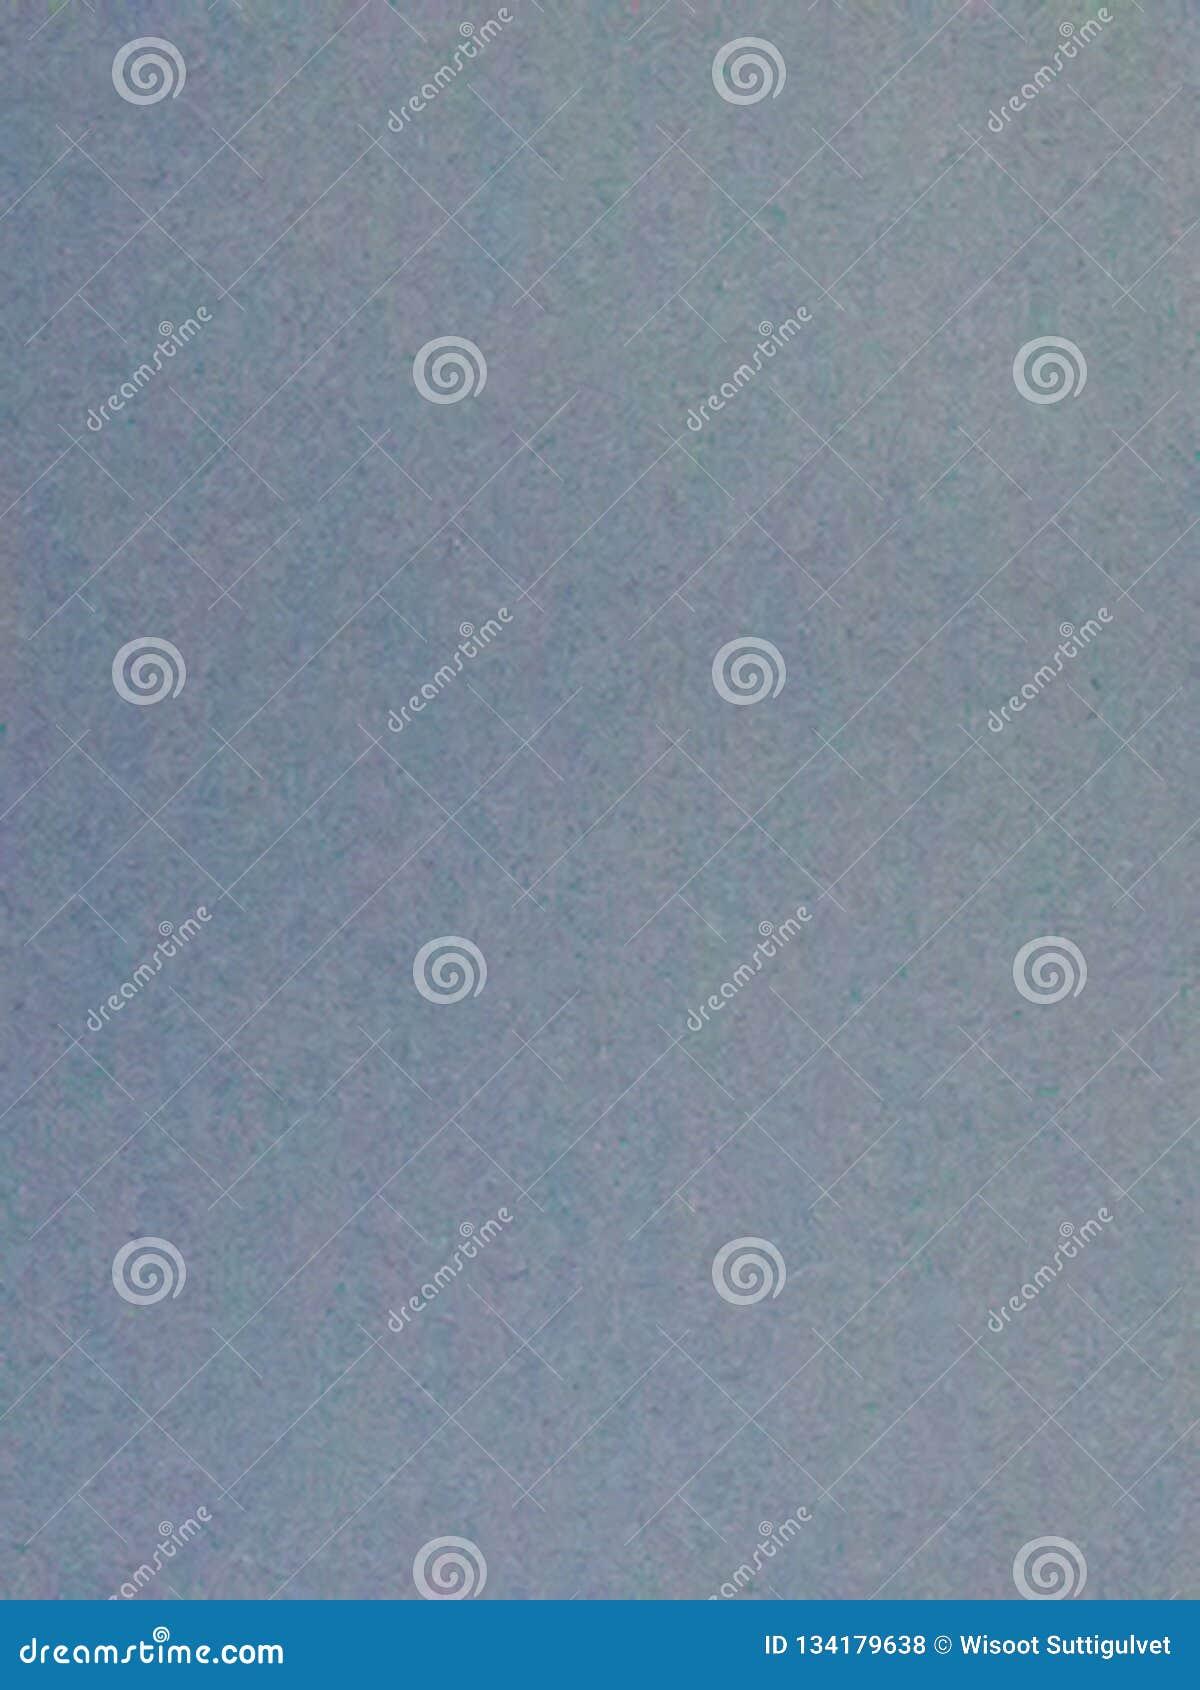 Achtergrond met lawaai het beeld van de gradiëntoppervlakte Bekleding, Uitstekende retro textuurachtergrond Grunge blured momento